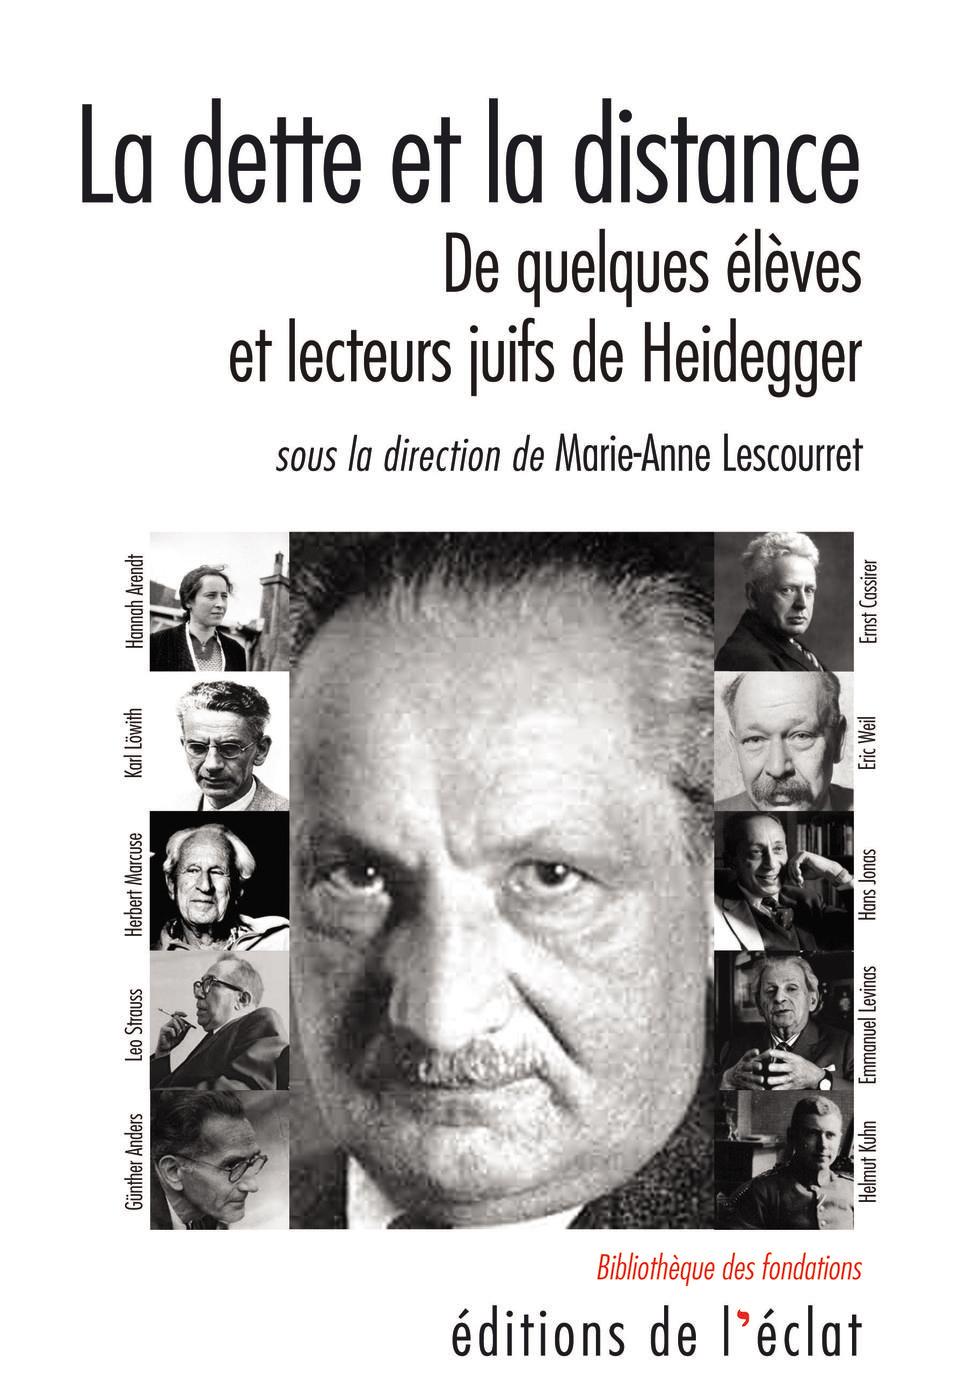 La dette et la distance, De quelques élèves et lecteurs juifs de Heidegger